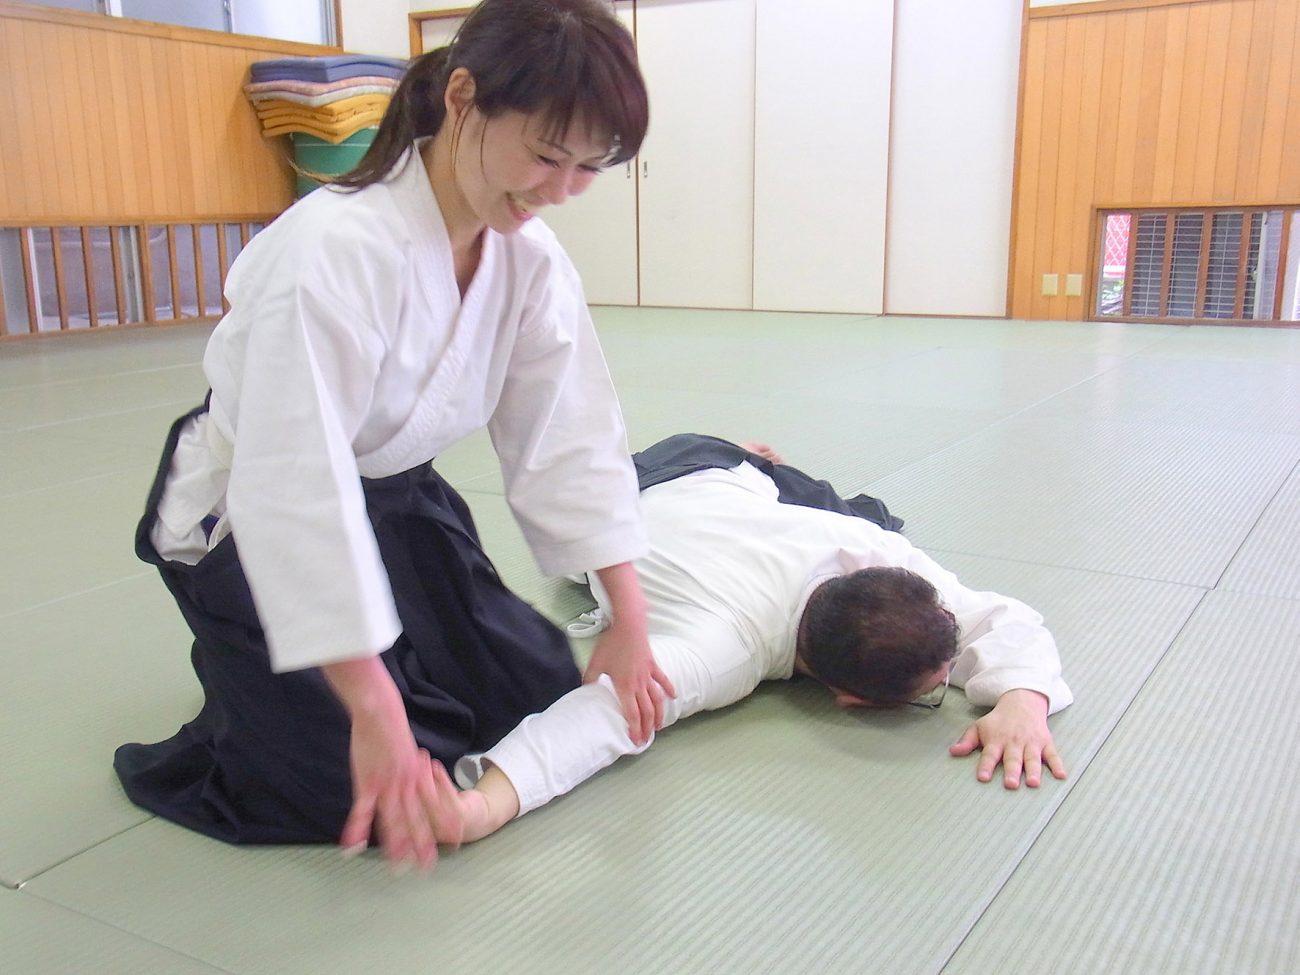 Mujer durante clase de Aikido. Una practica deportiva que no distingue los sexos.